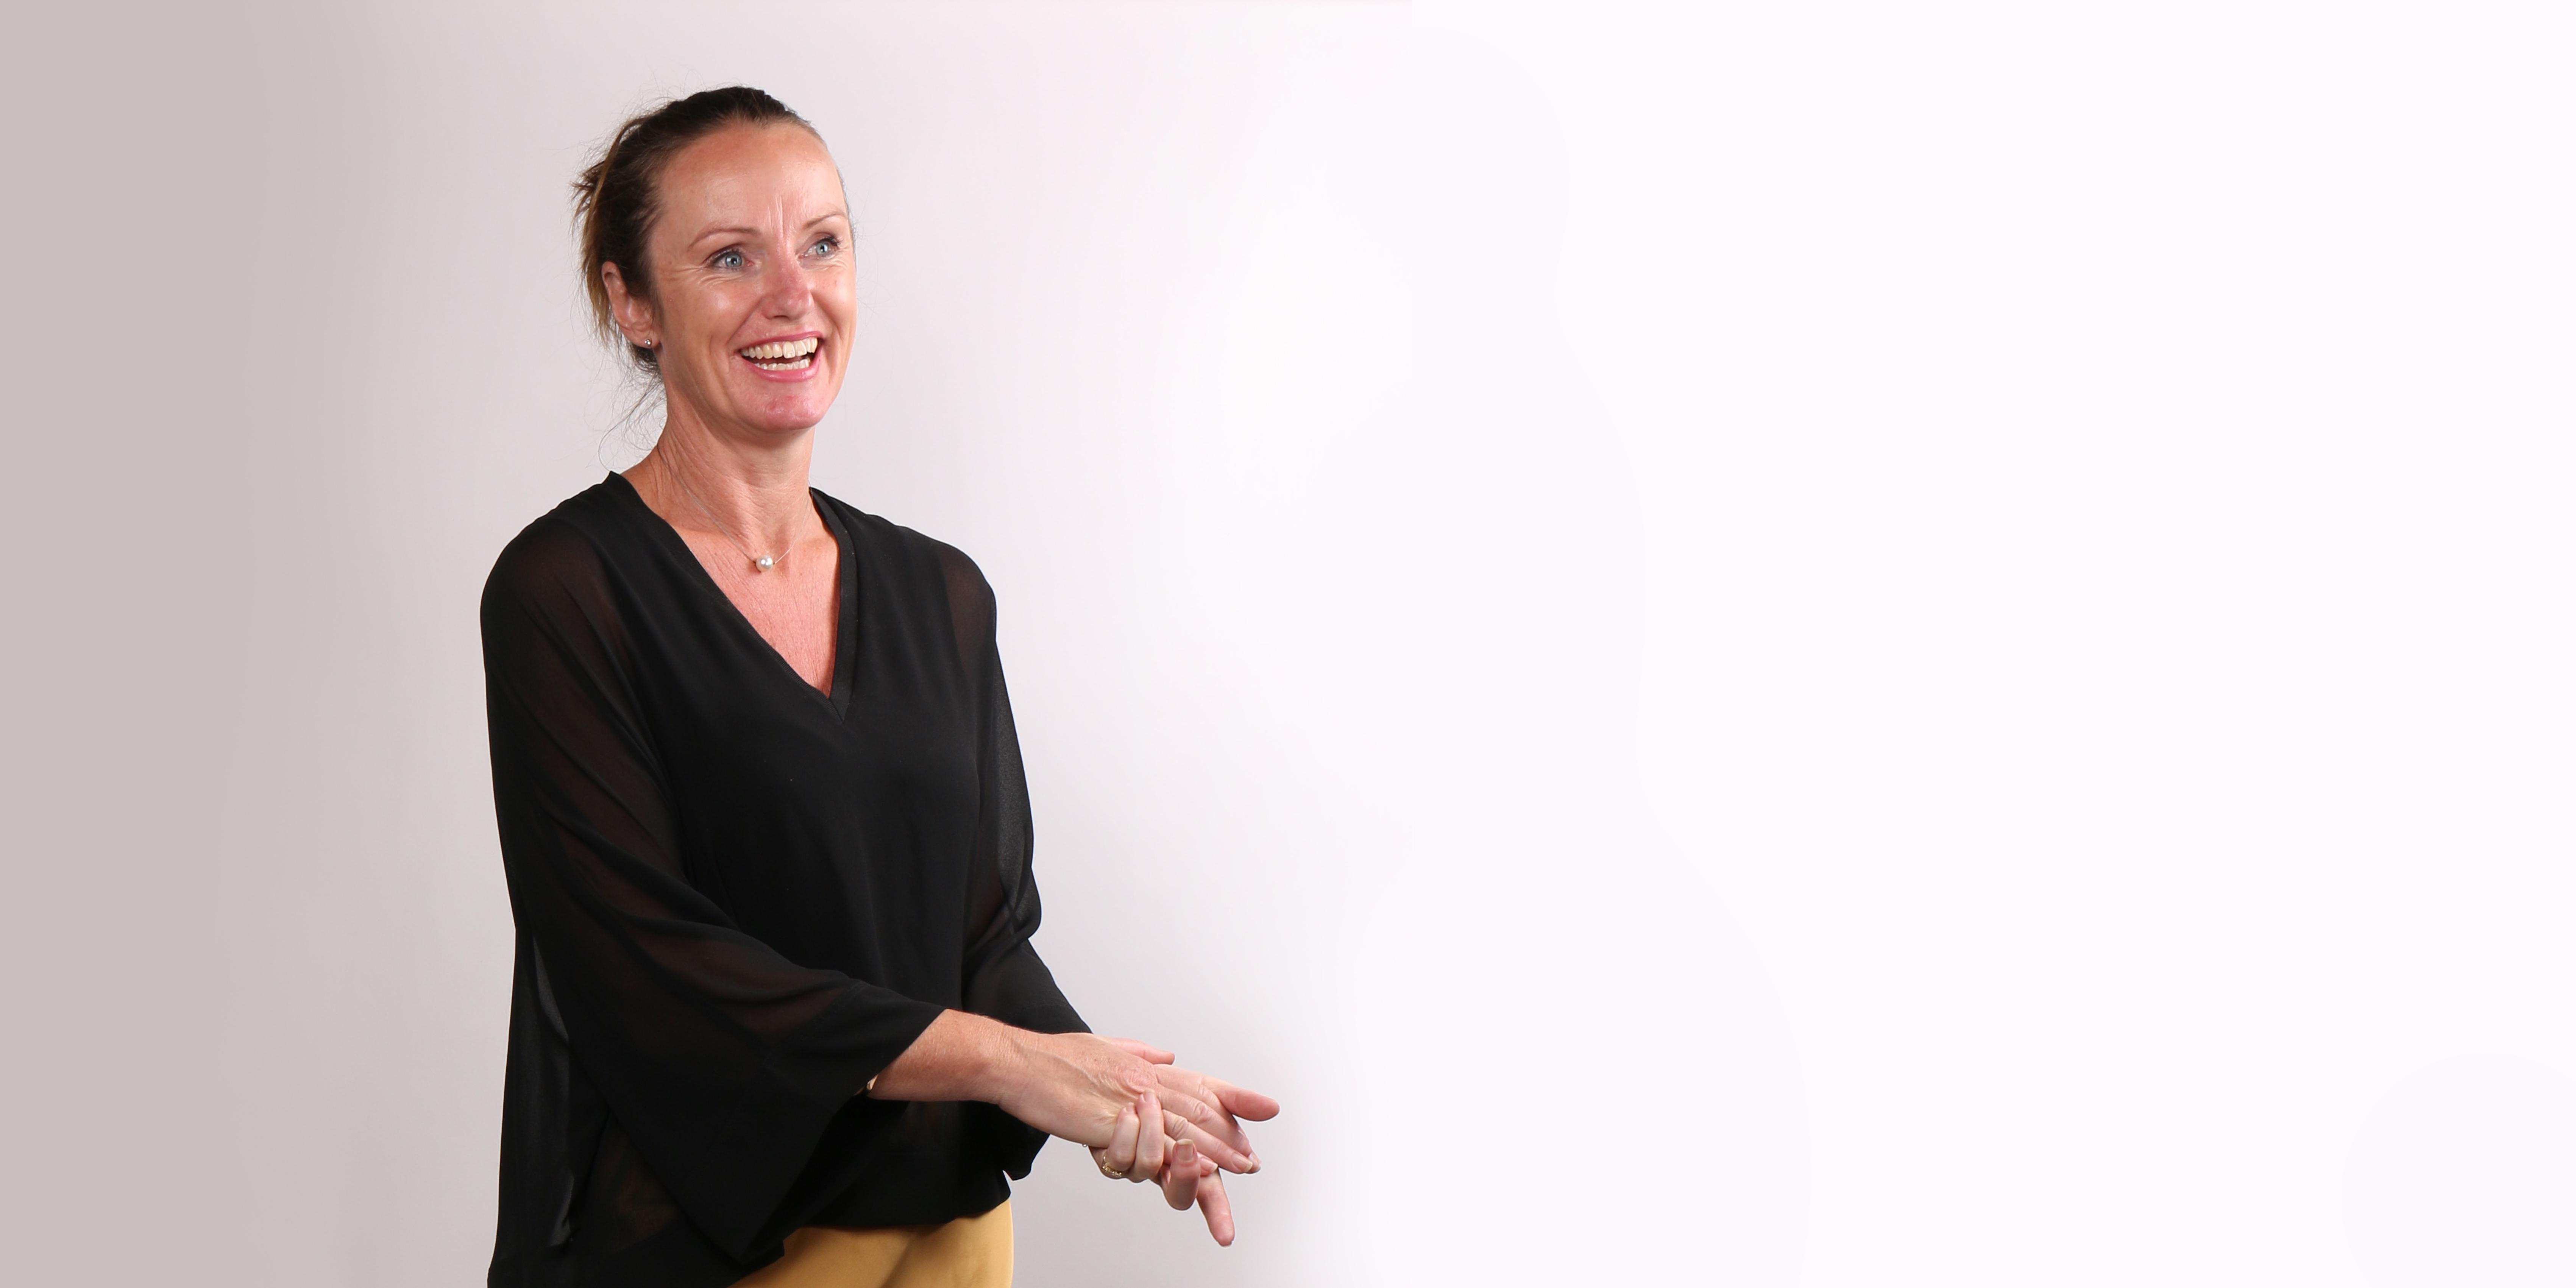 Introducing our Team Lead Design - Nicola